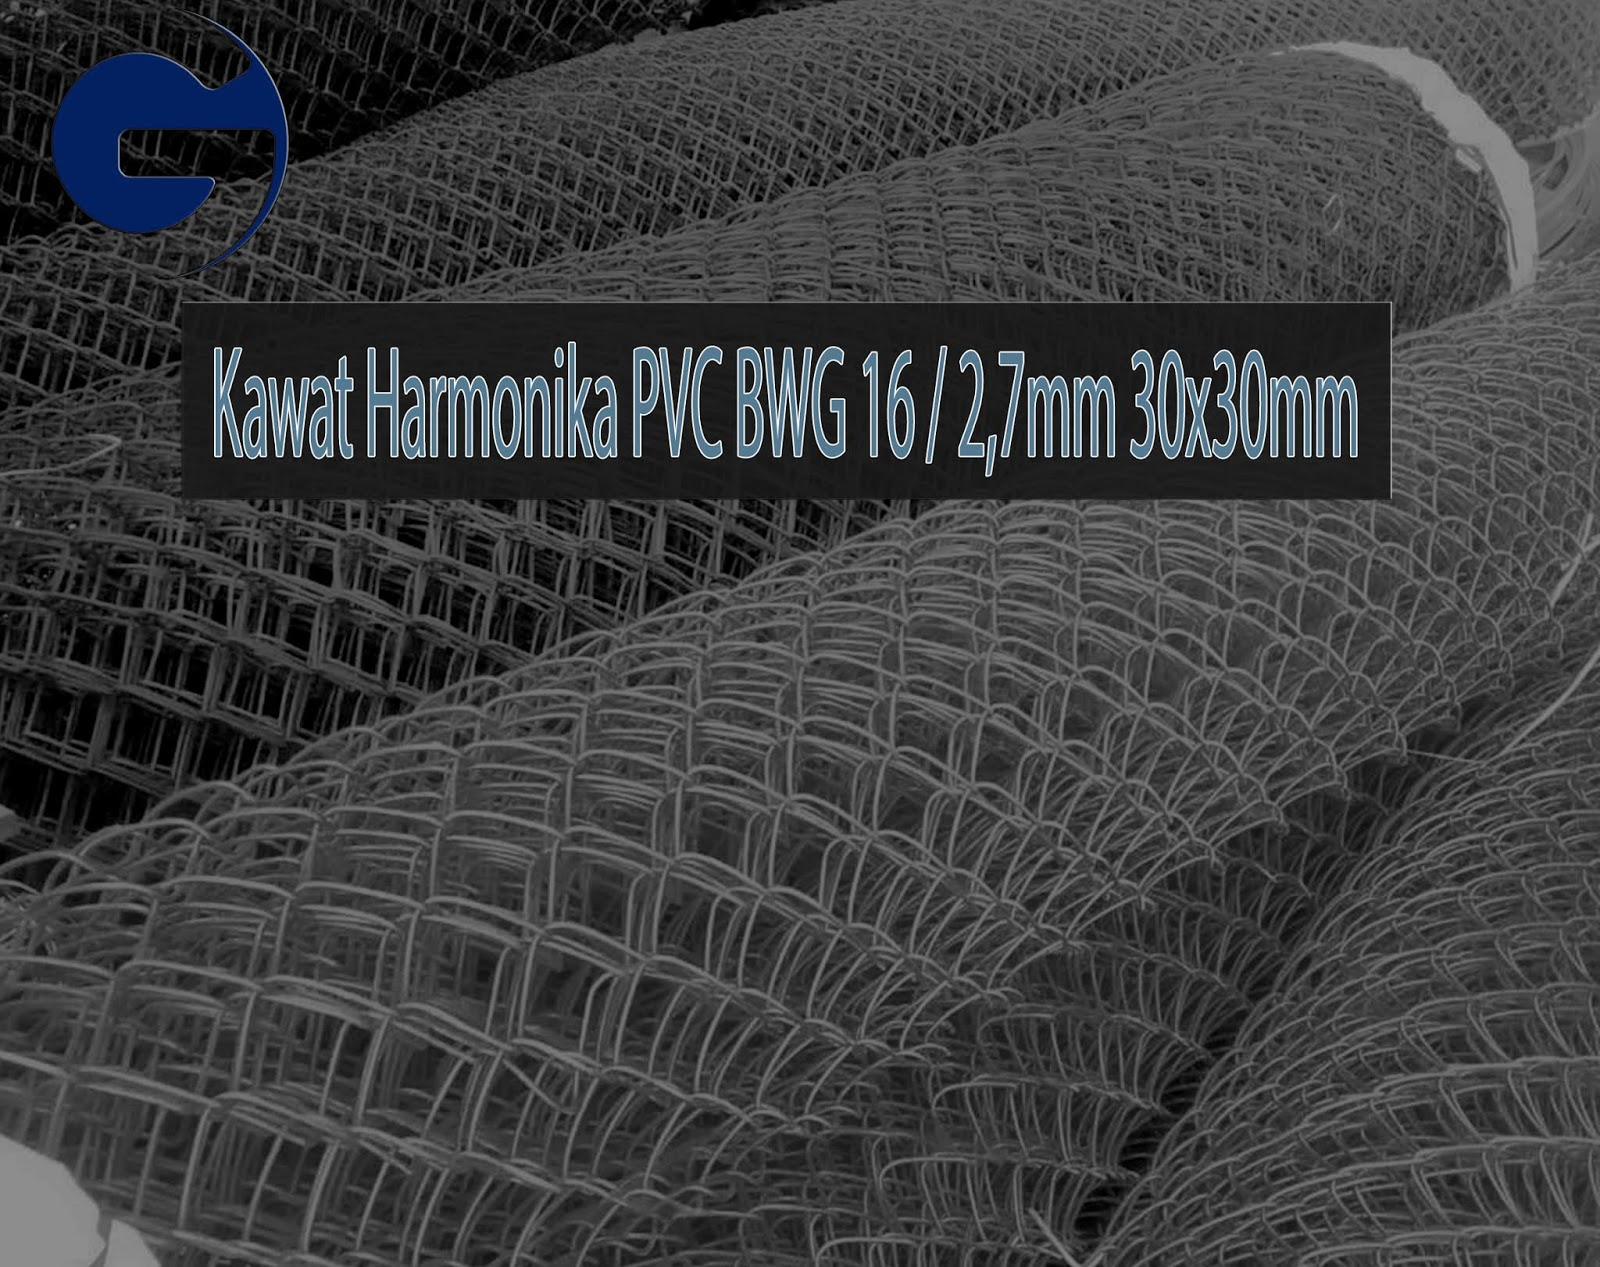 Jual Kawat Harmonika PVC SNI BWG 16/2,7mm 30x30mm